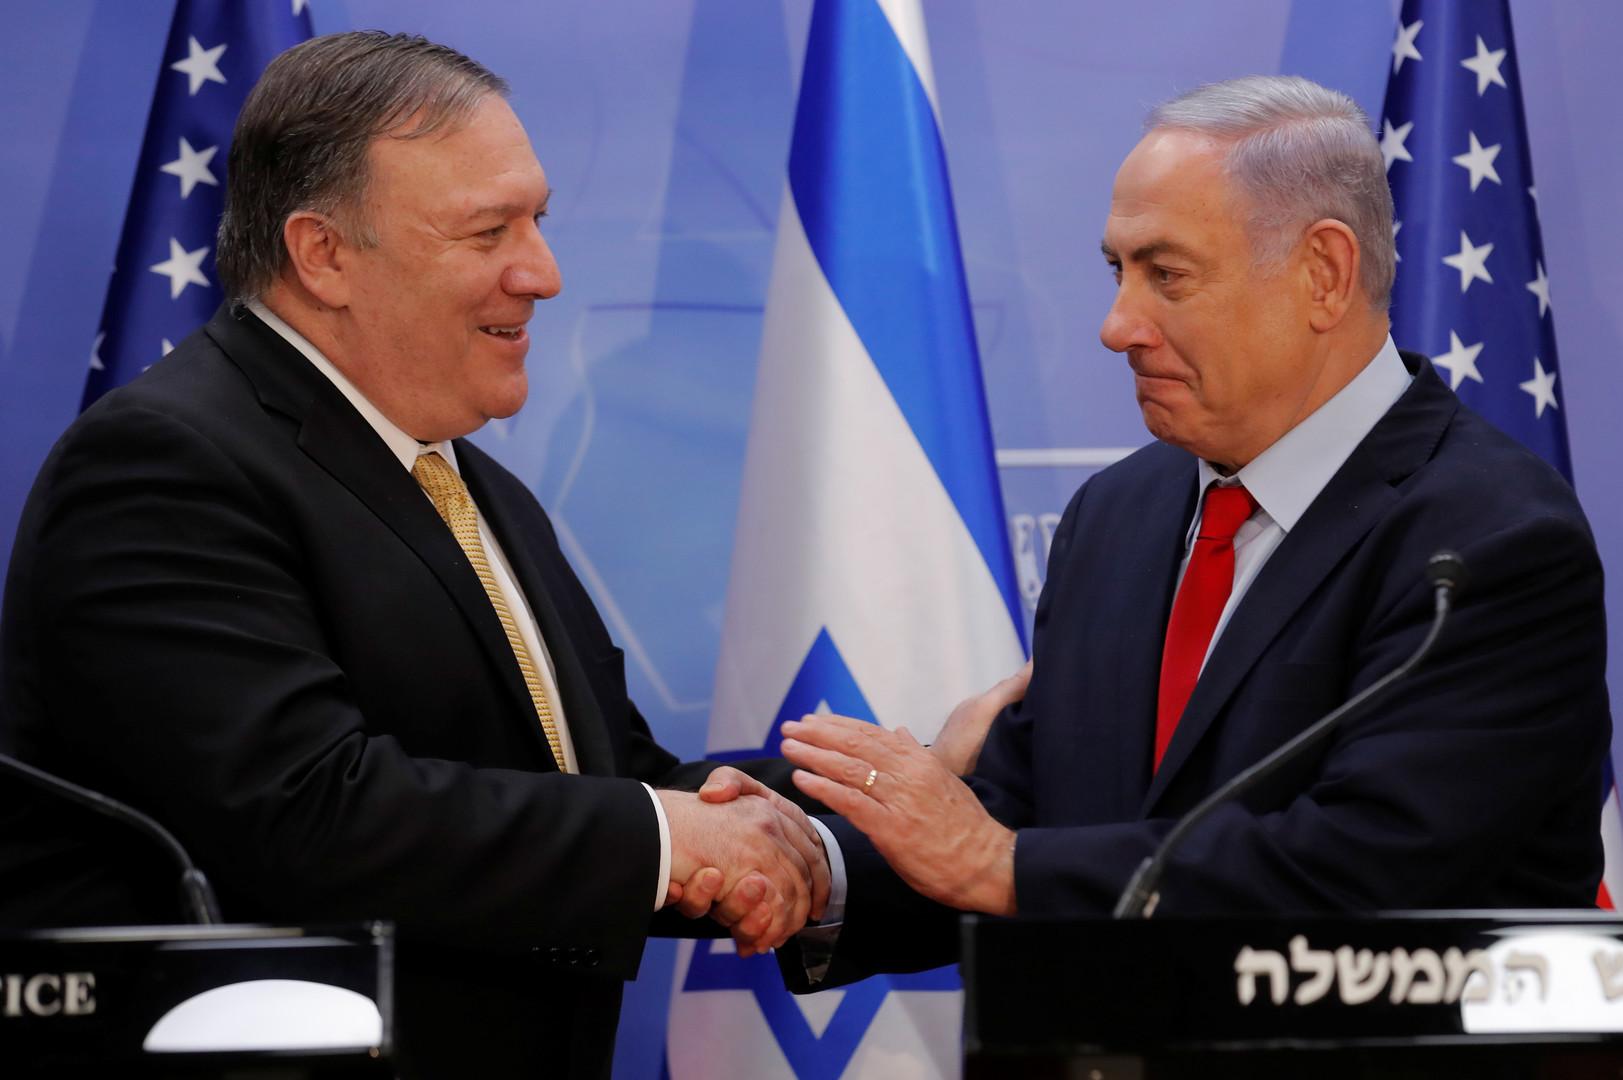 رئيس الوزراء الإسرائيلي، بنيامين نتنياهو، ووزير الخارجية الأمريكي، مايك بومبيو (صورة أرشيفية)